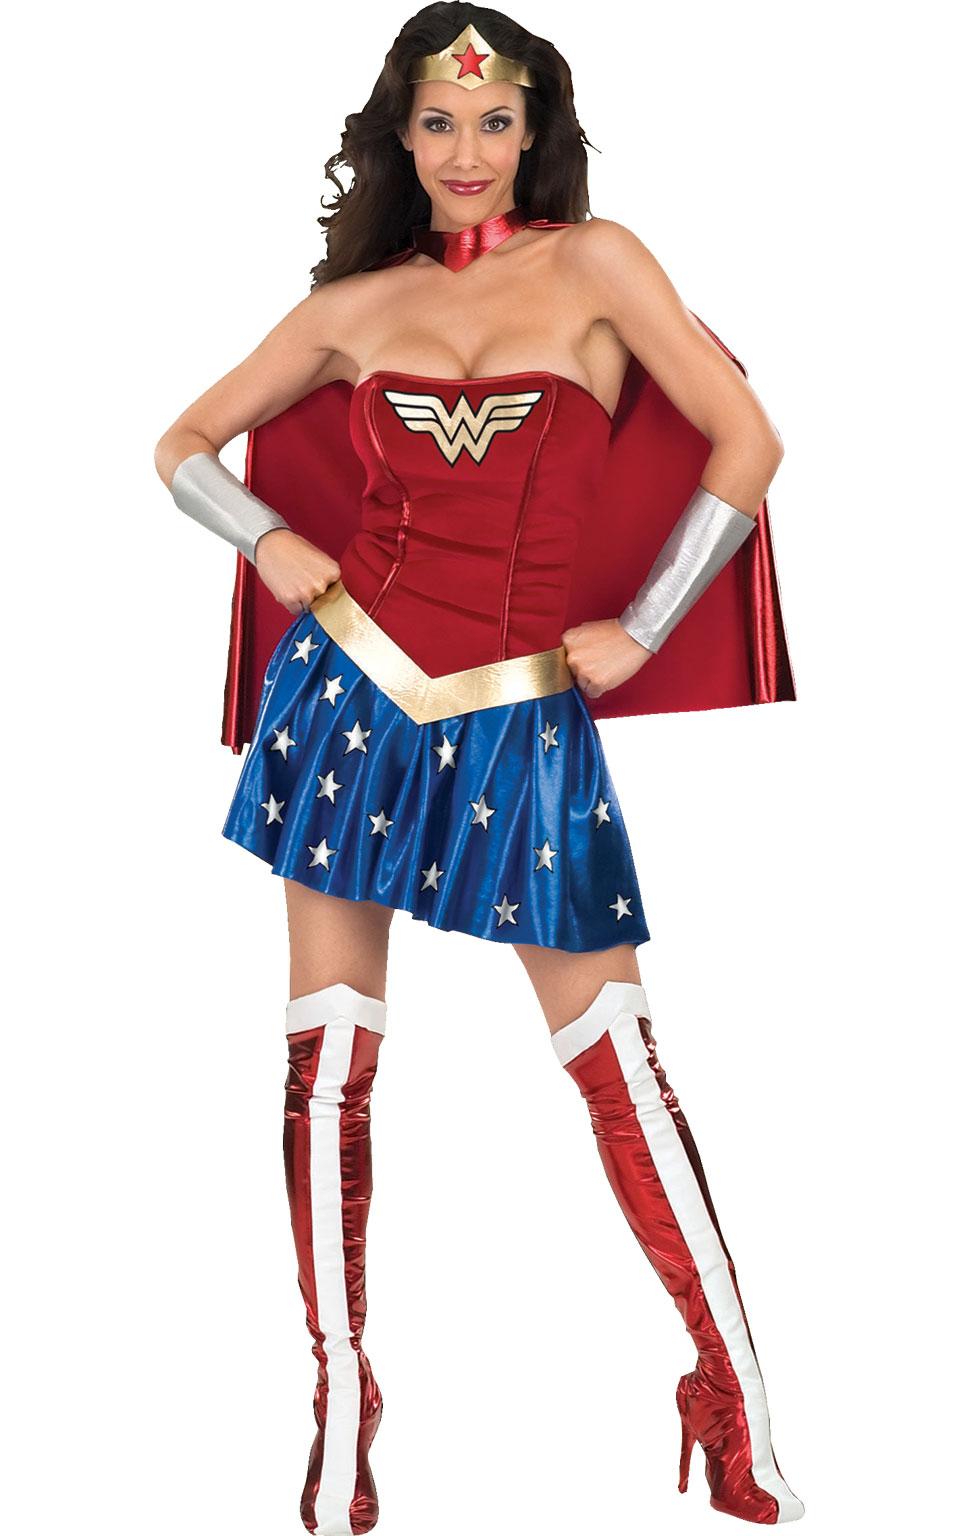 Rubies Kostým Wonderwoman Veľkosť - dospelý: S